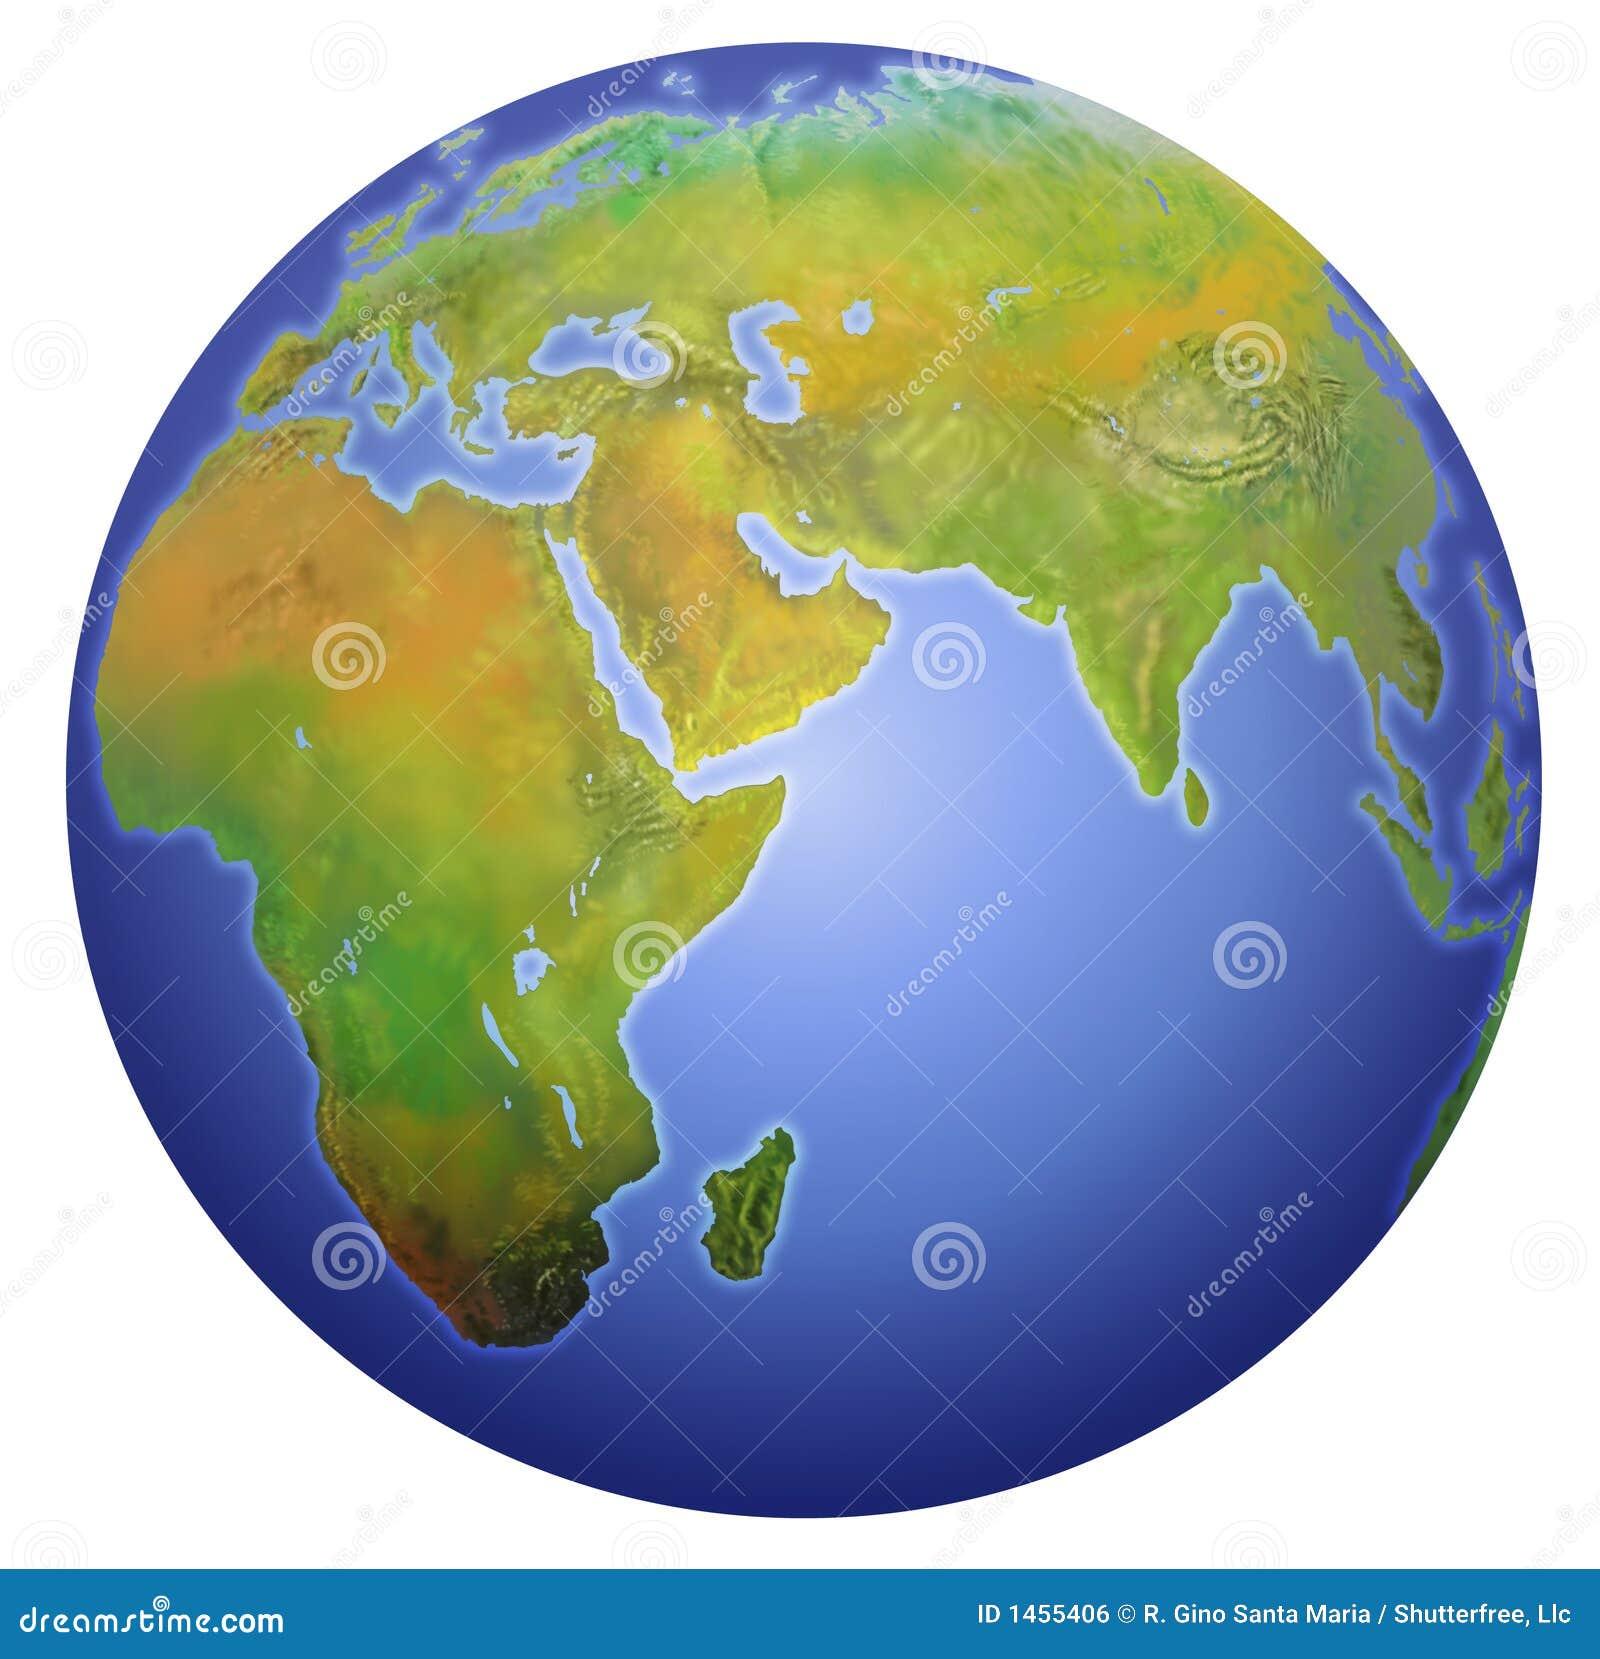 Mettez à la terre afficher l Europe, l Asie, et l Afrique.